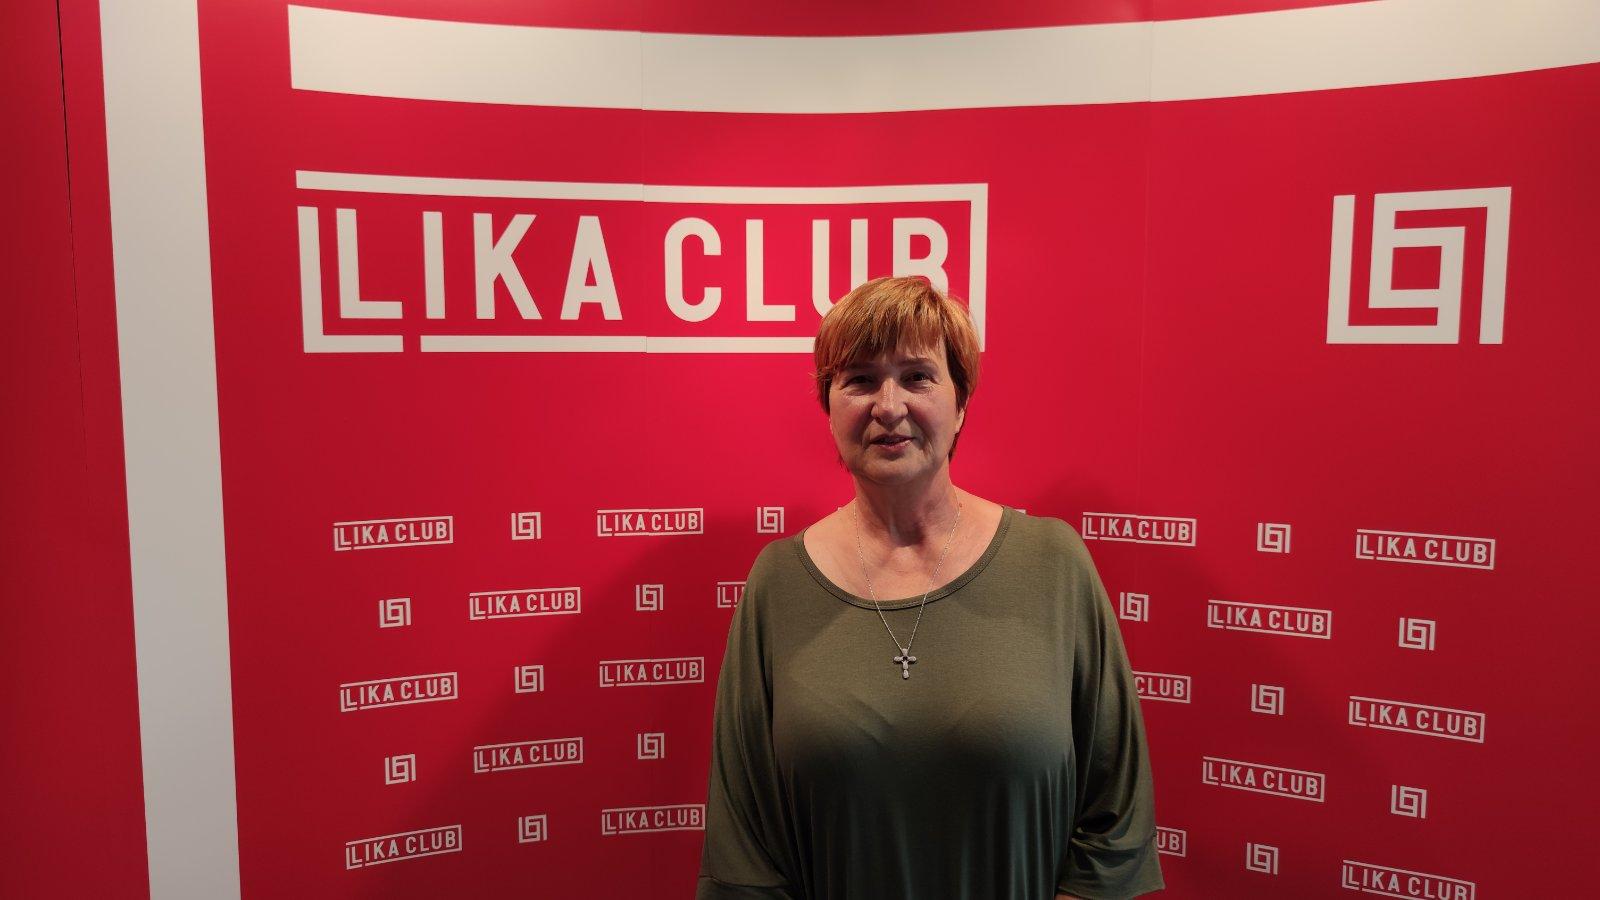 """INTERVIEW – Ruža Tomašić: """"Poručujem građanima da ne slušaju što političari govore, neka gledaju što rade ili što su napravili"""""""